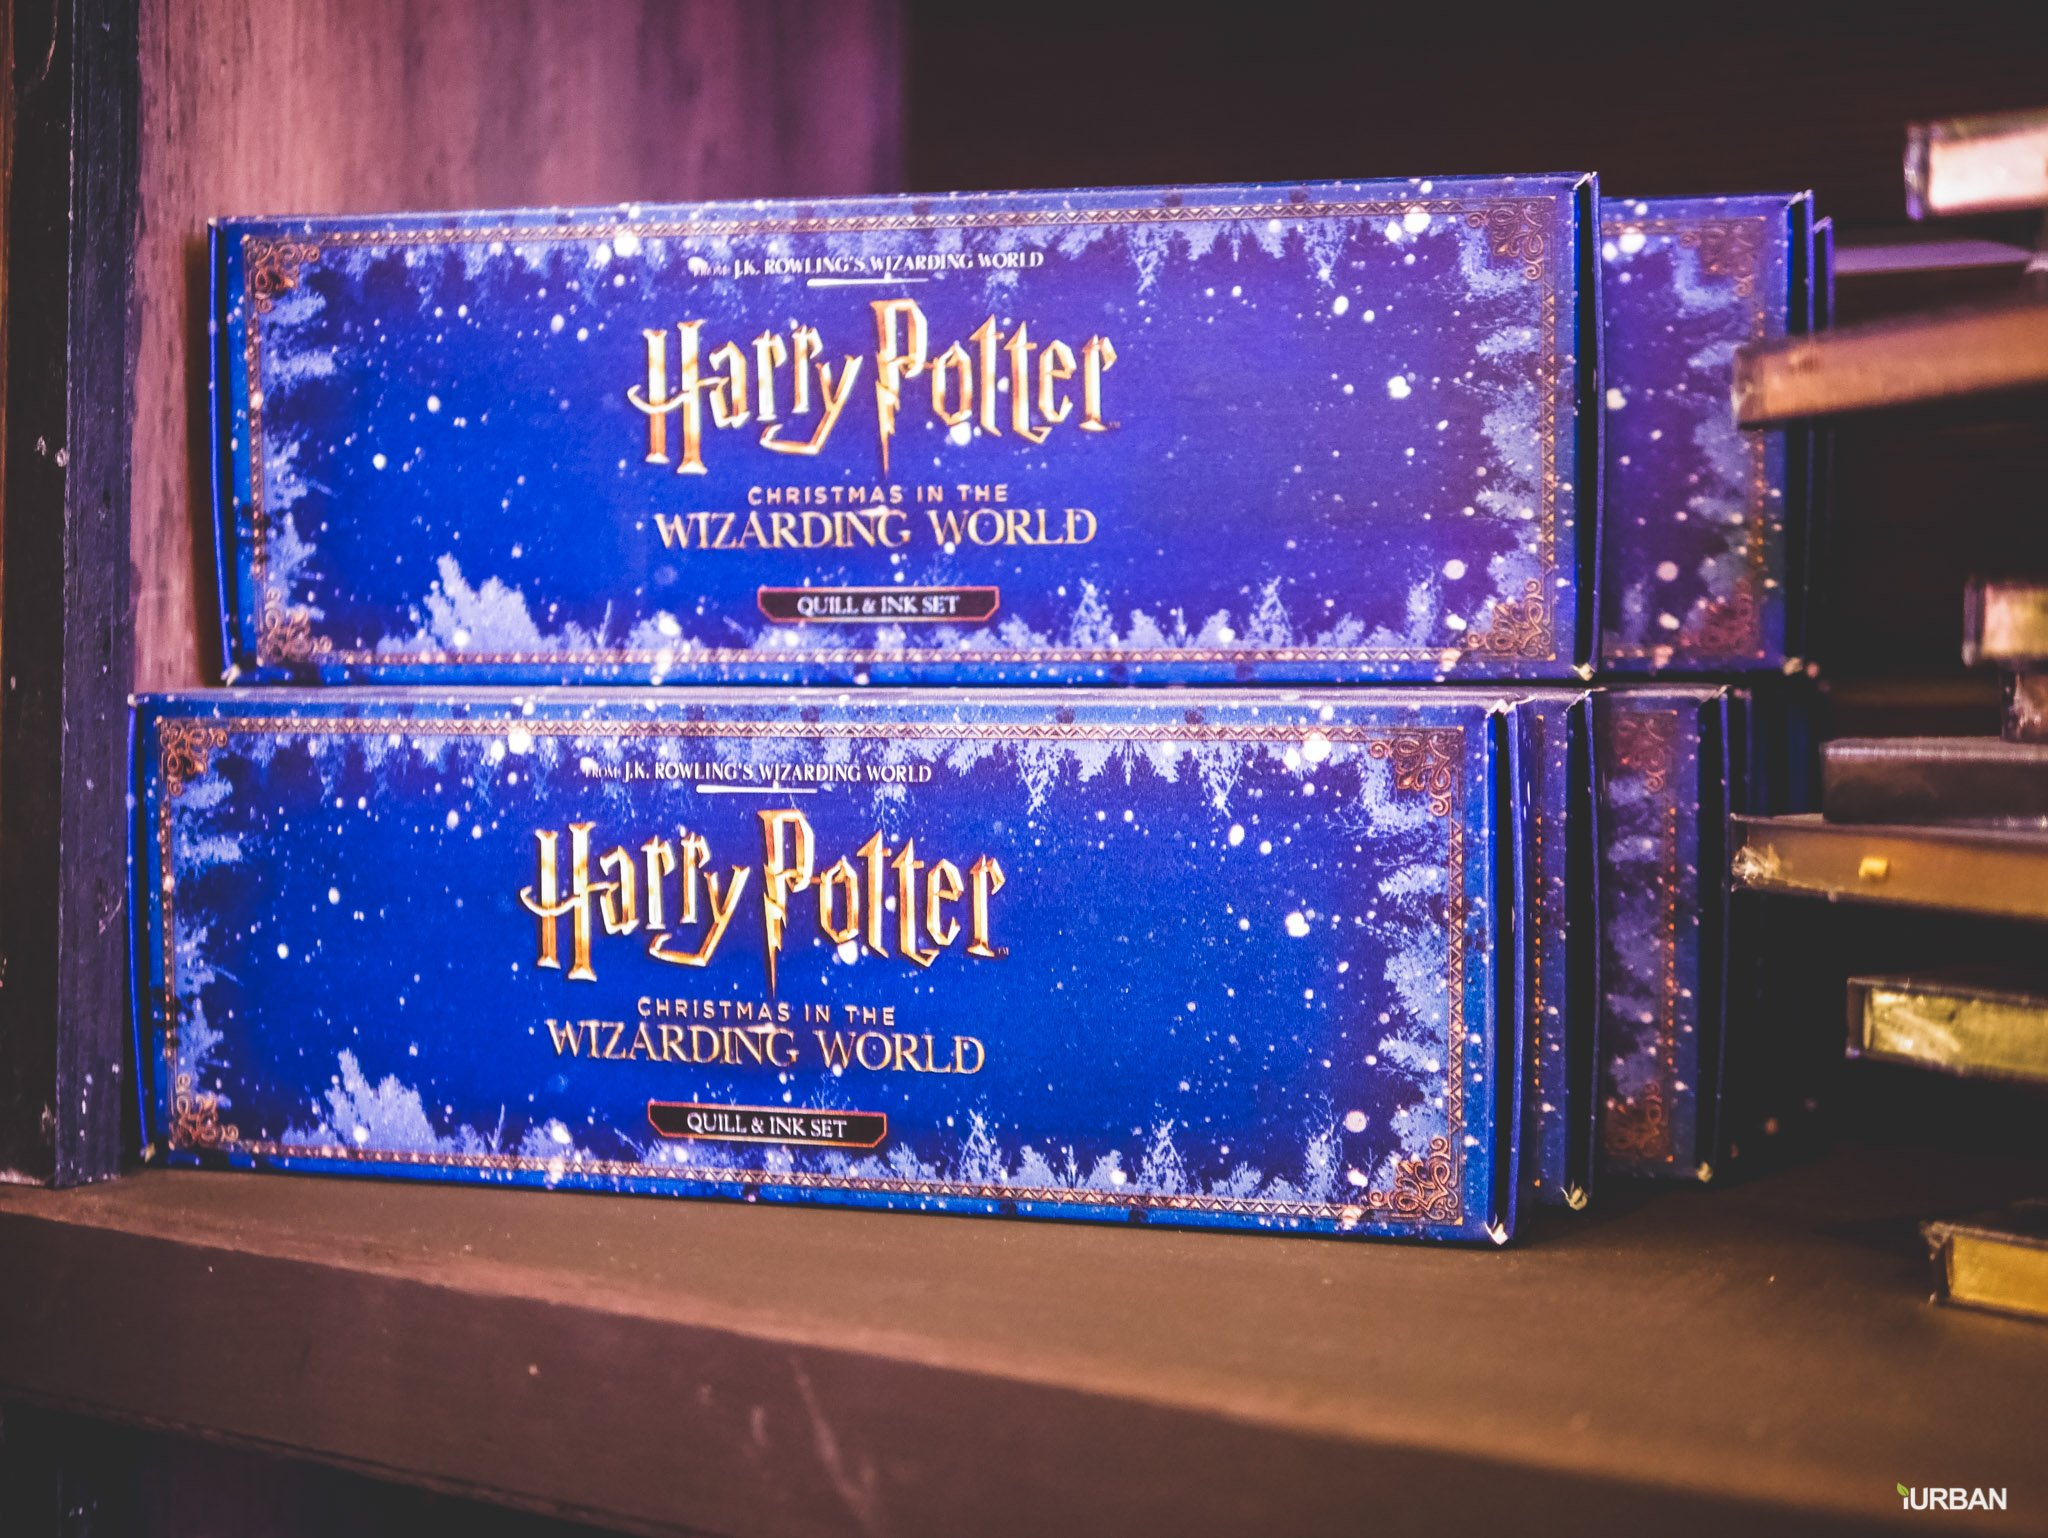 11 ไม้กายสิทธิ์ แฮร์รี่ พอตเตอร์ ราคา ที่งาน สยามพารากอน #HarryPotterThailand  Harry Potter Paragon 52 - Fantastic Beasts